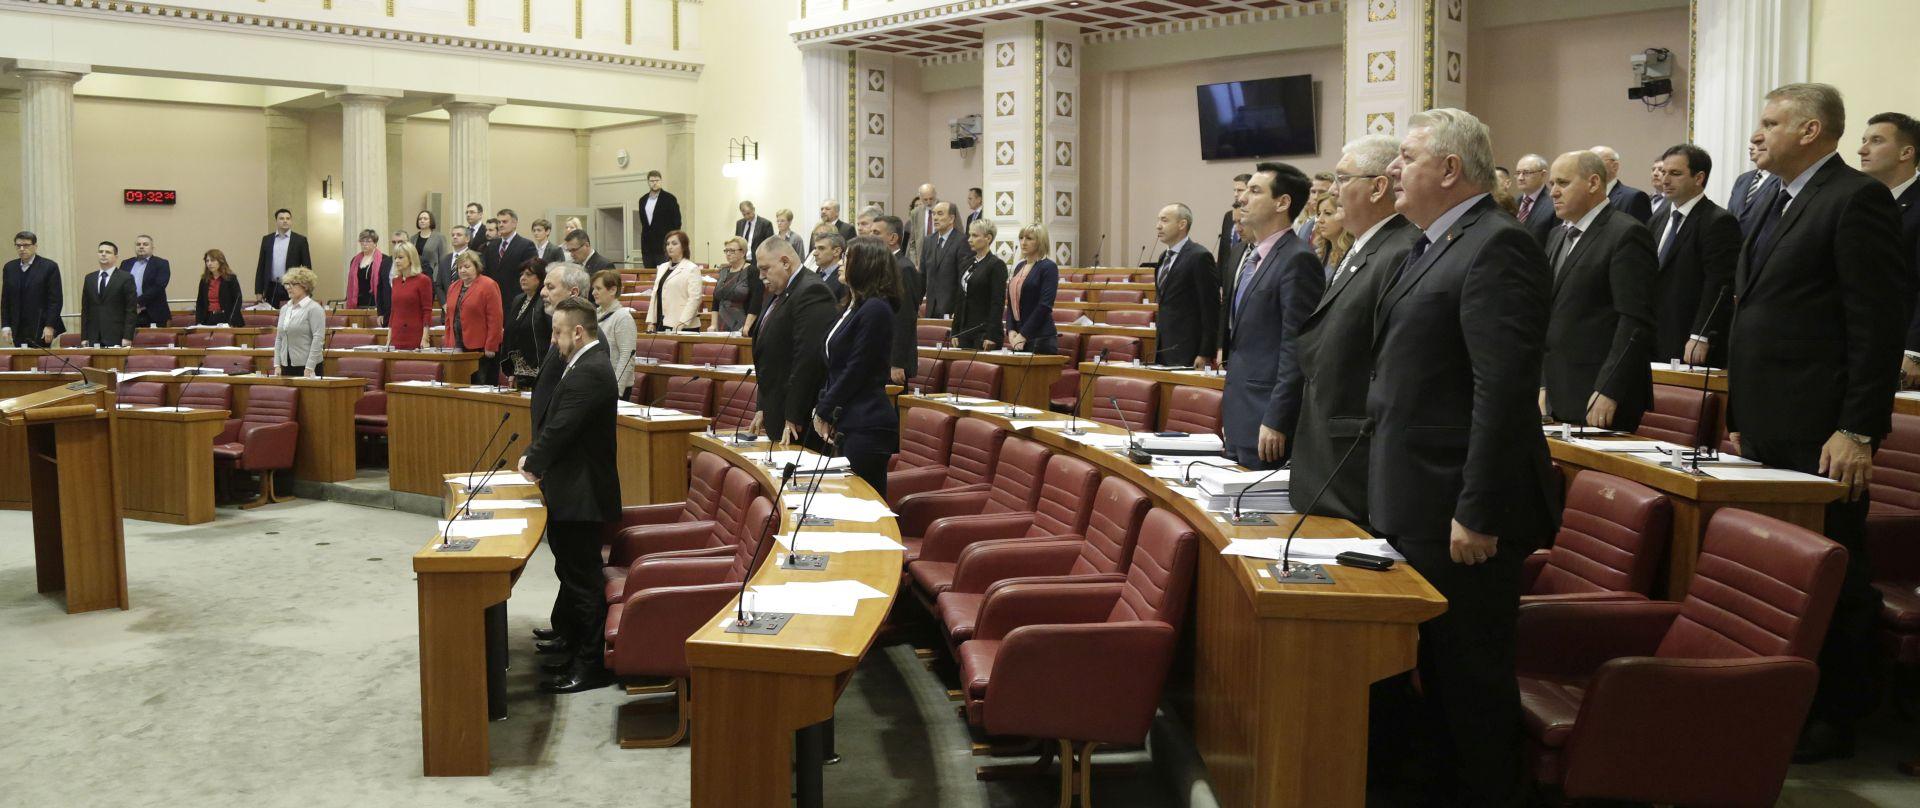 PROŠAO ZAKONSKI ROK: Devet saborskih zastupnika još nije podnijelo svoje imovinske kartice